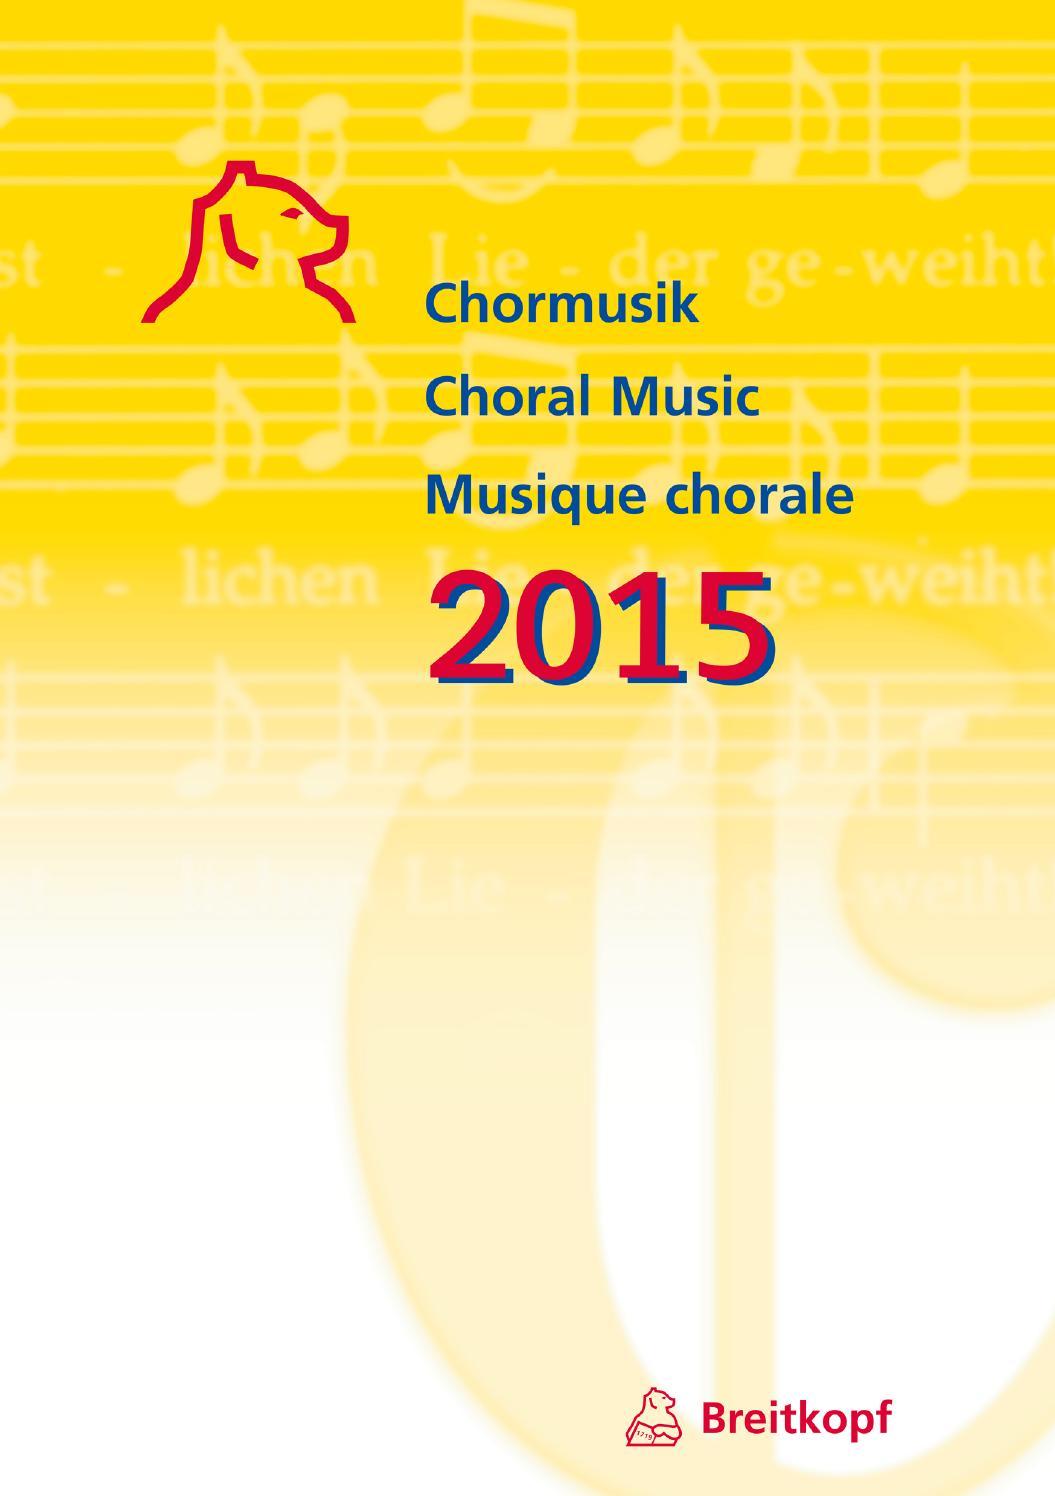 Weismann Ausgewählte Chorwerke für gemischten Chor a cappella